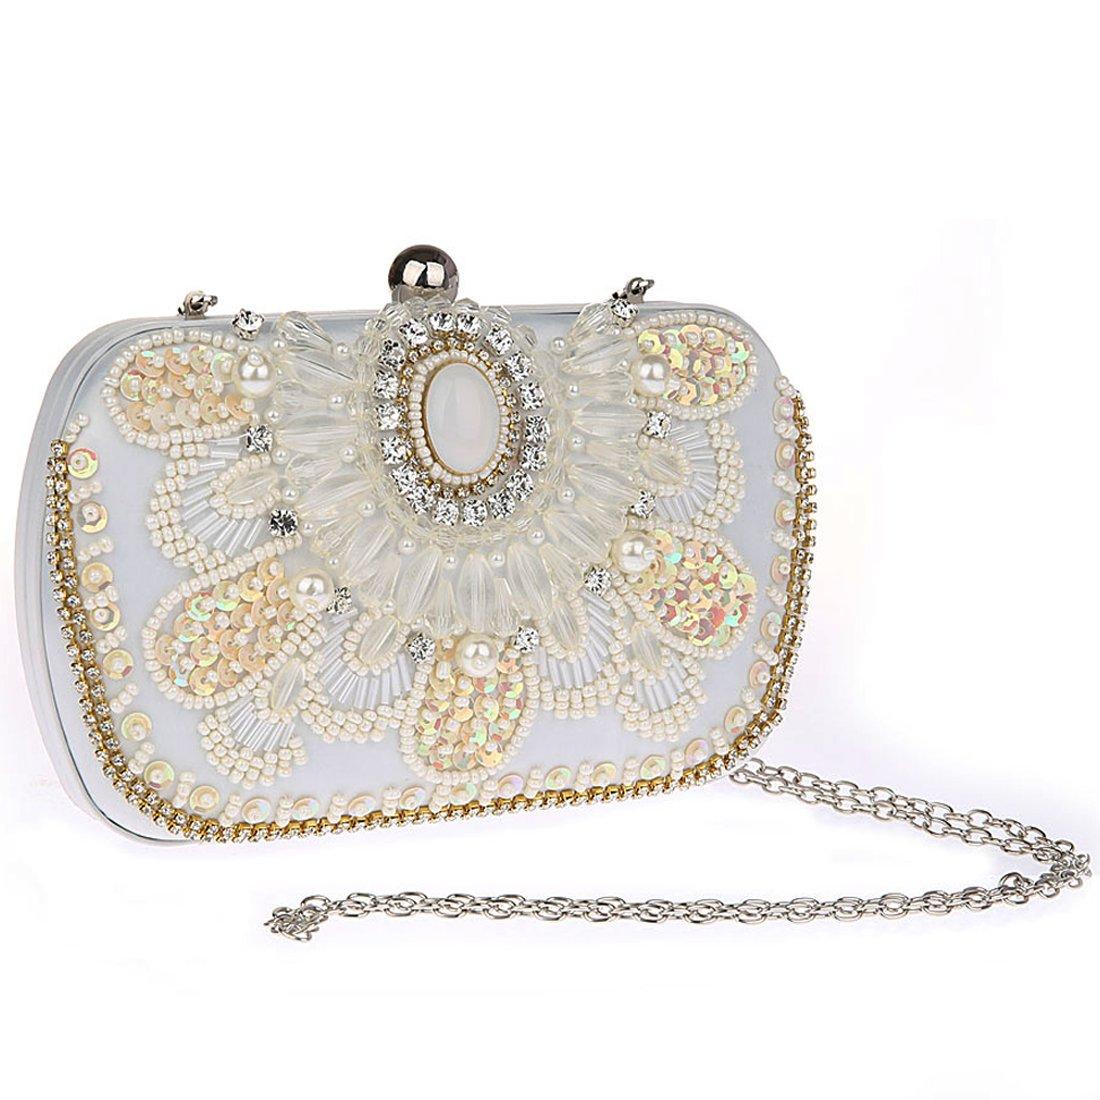 51516cb03e08e KAXIDY Damen Schultertasche Abendtasche Blumen Sequin Clutches Handtasche  (Beige)  Amazon.de  Schuhe   Handtaschen